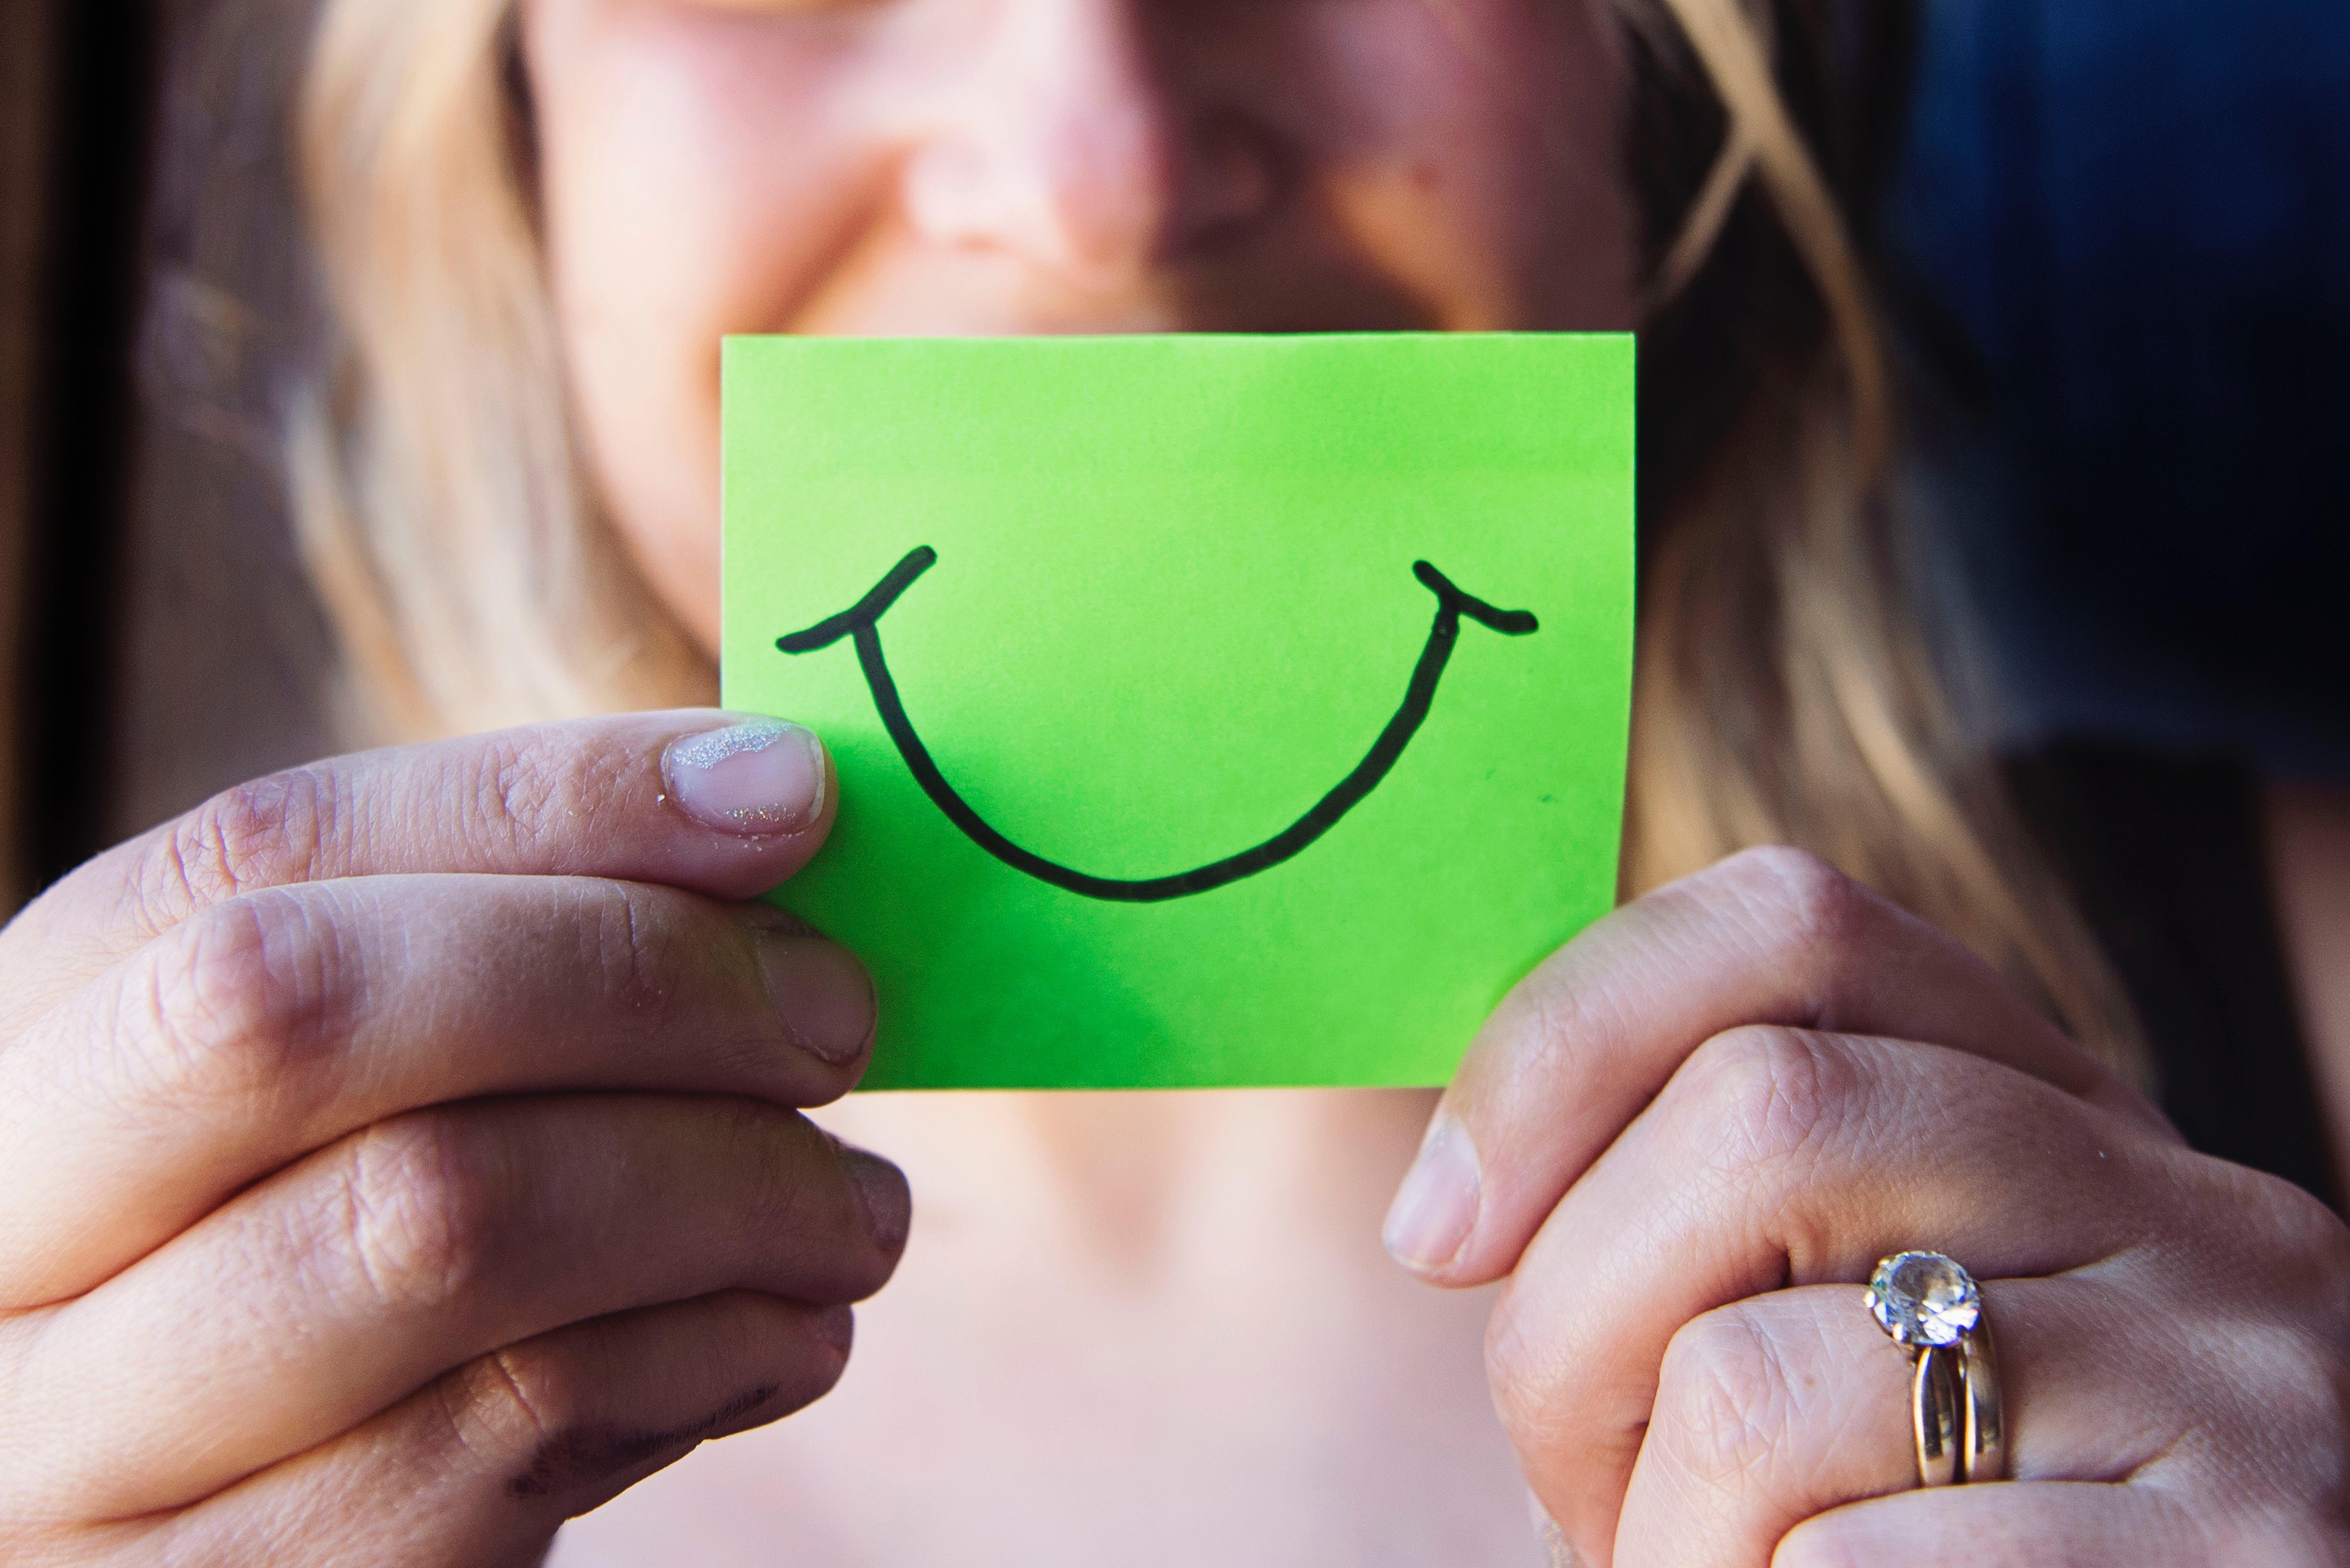 緑のポストイットと笑顔